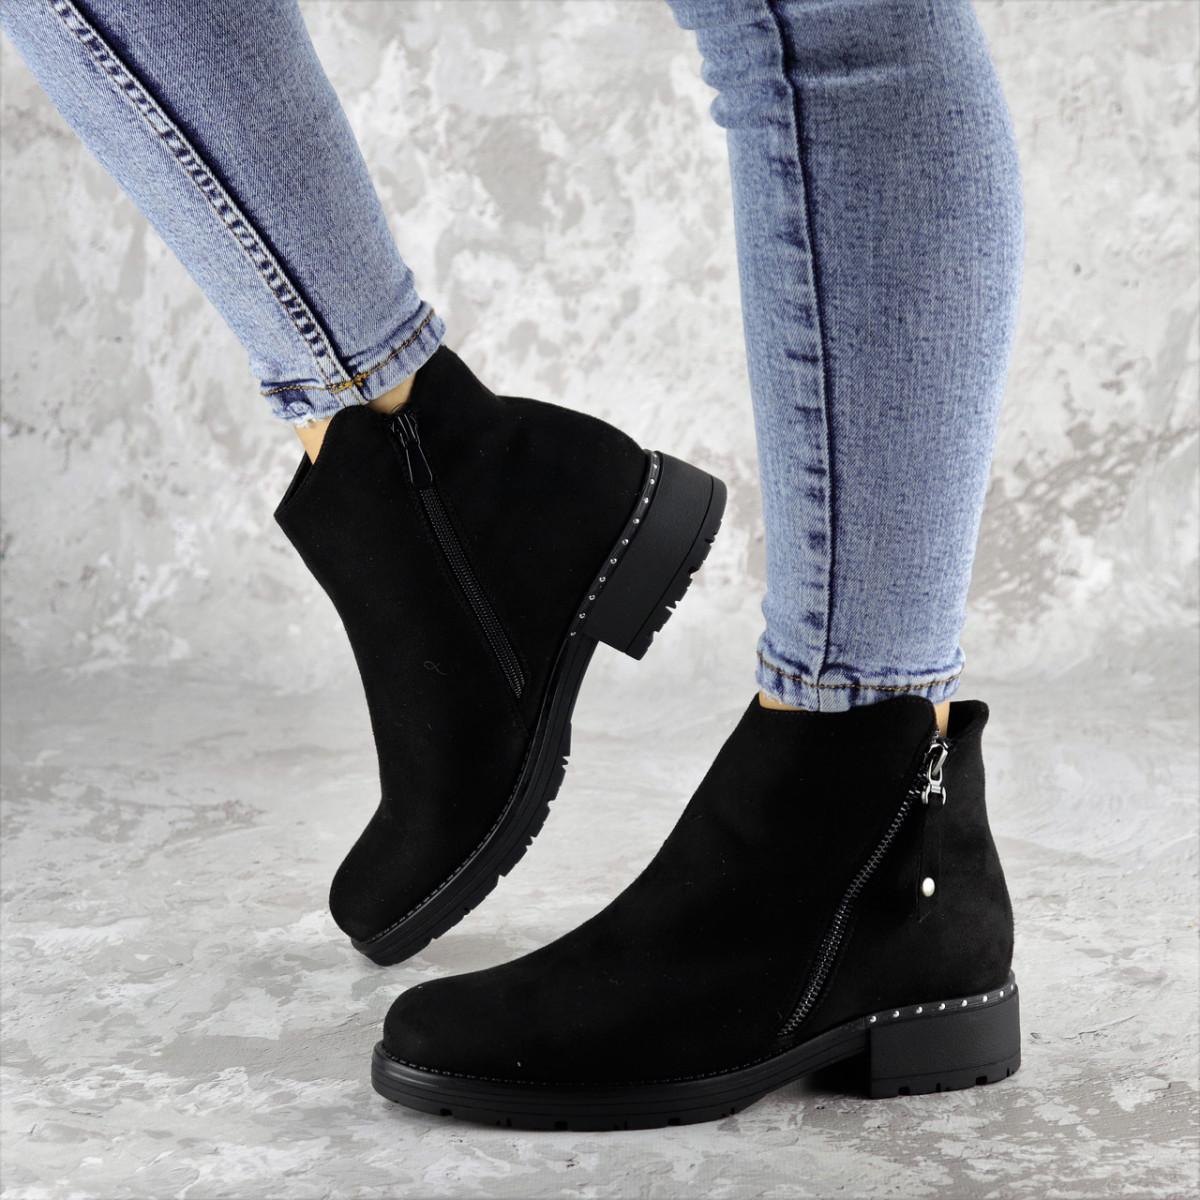 Ботинки женские зимние черные Gertie 2280 (36 размер)